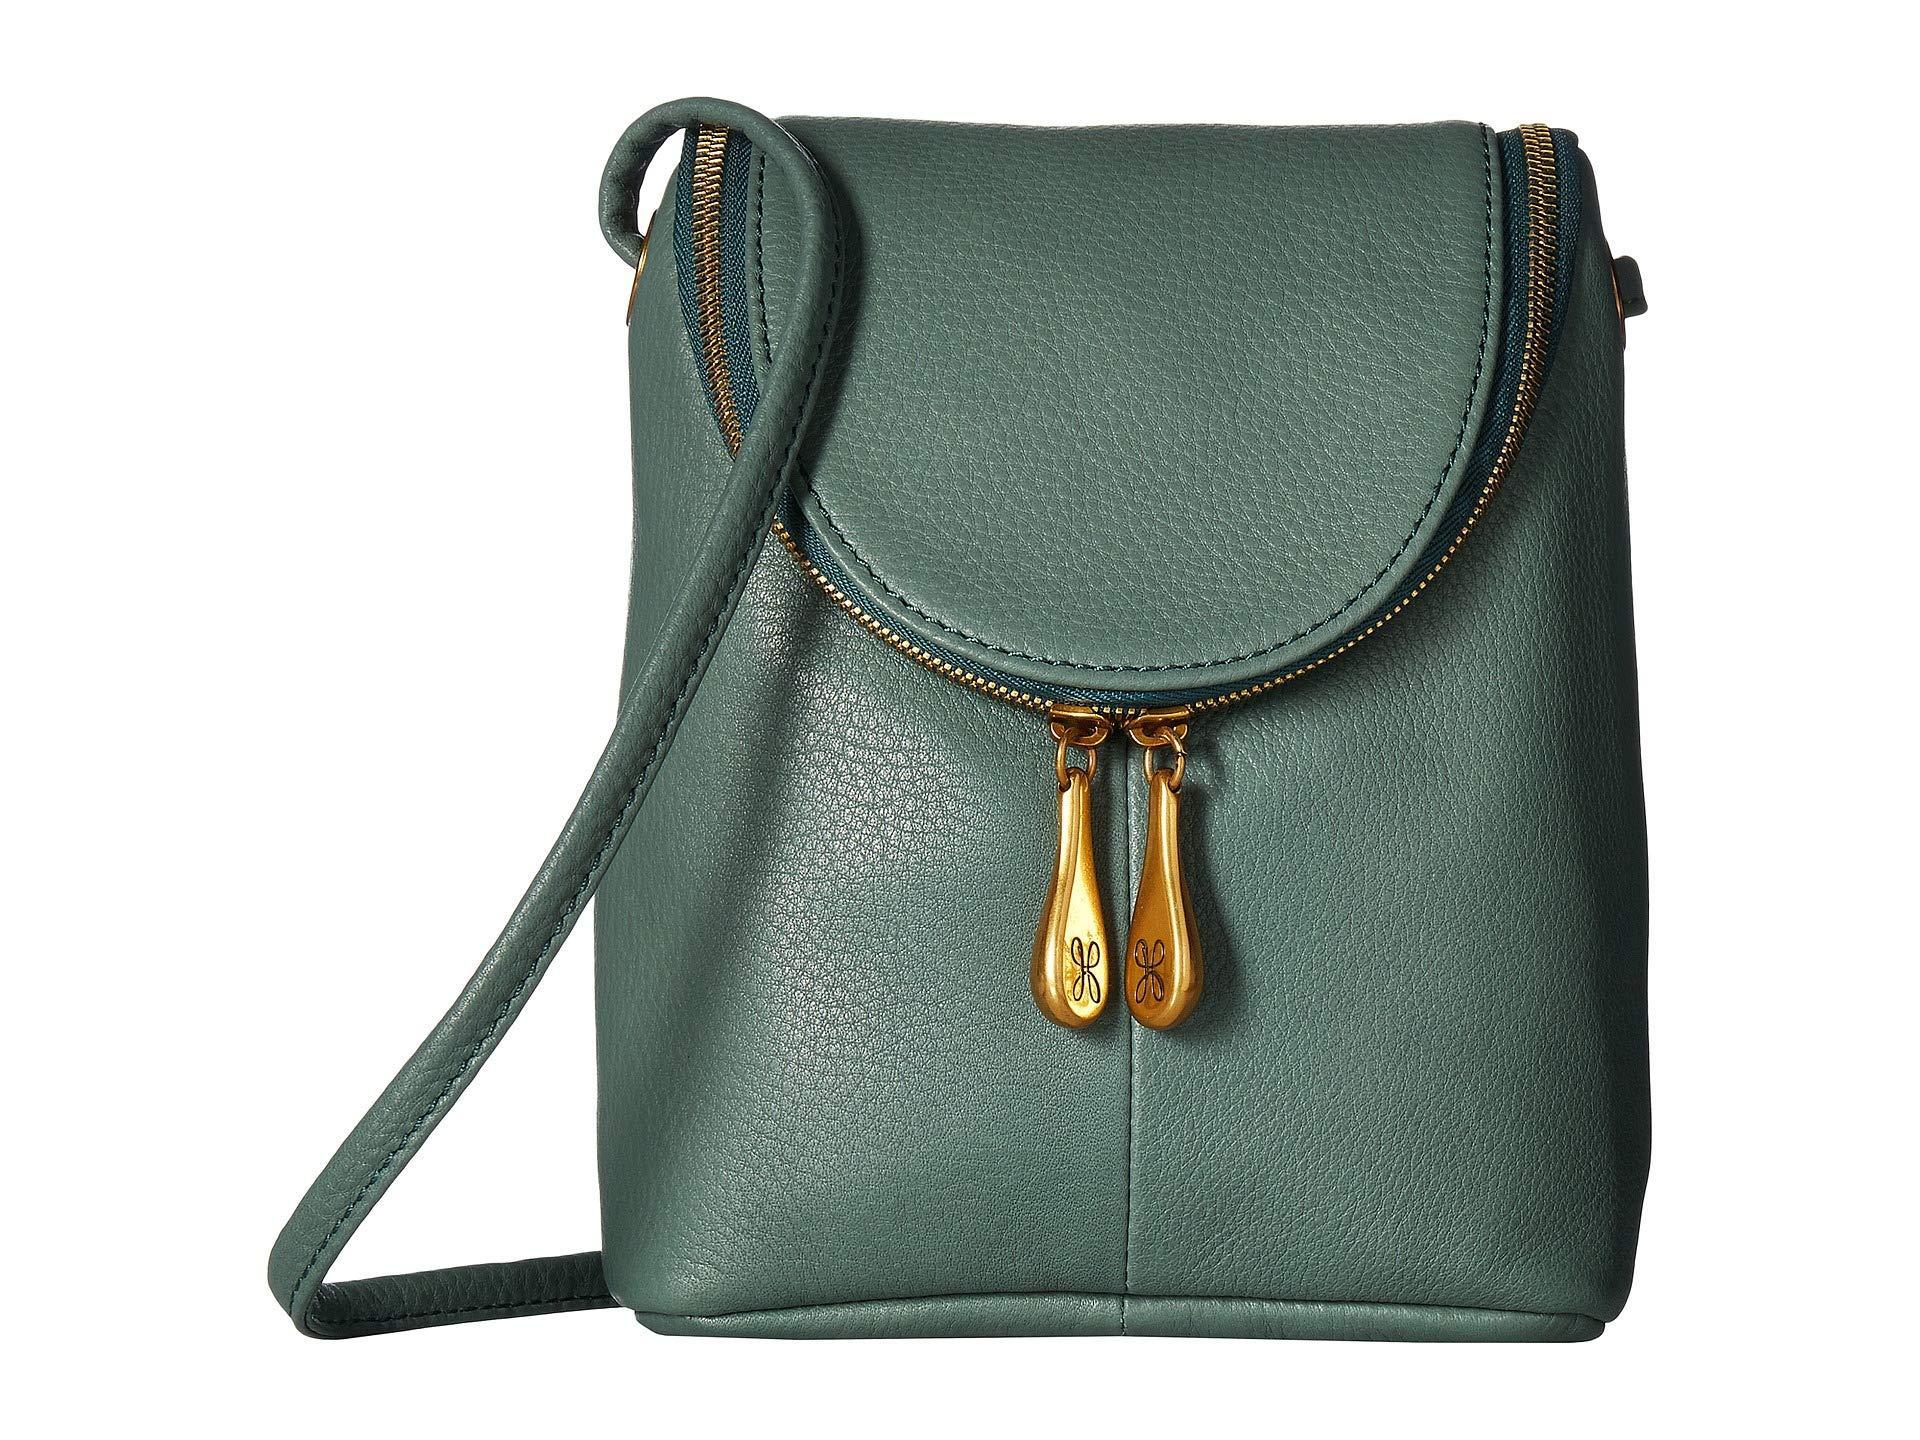 b6606df9600b Lyst - Hobo Fern (oyster) Cross Body Handbags in Green